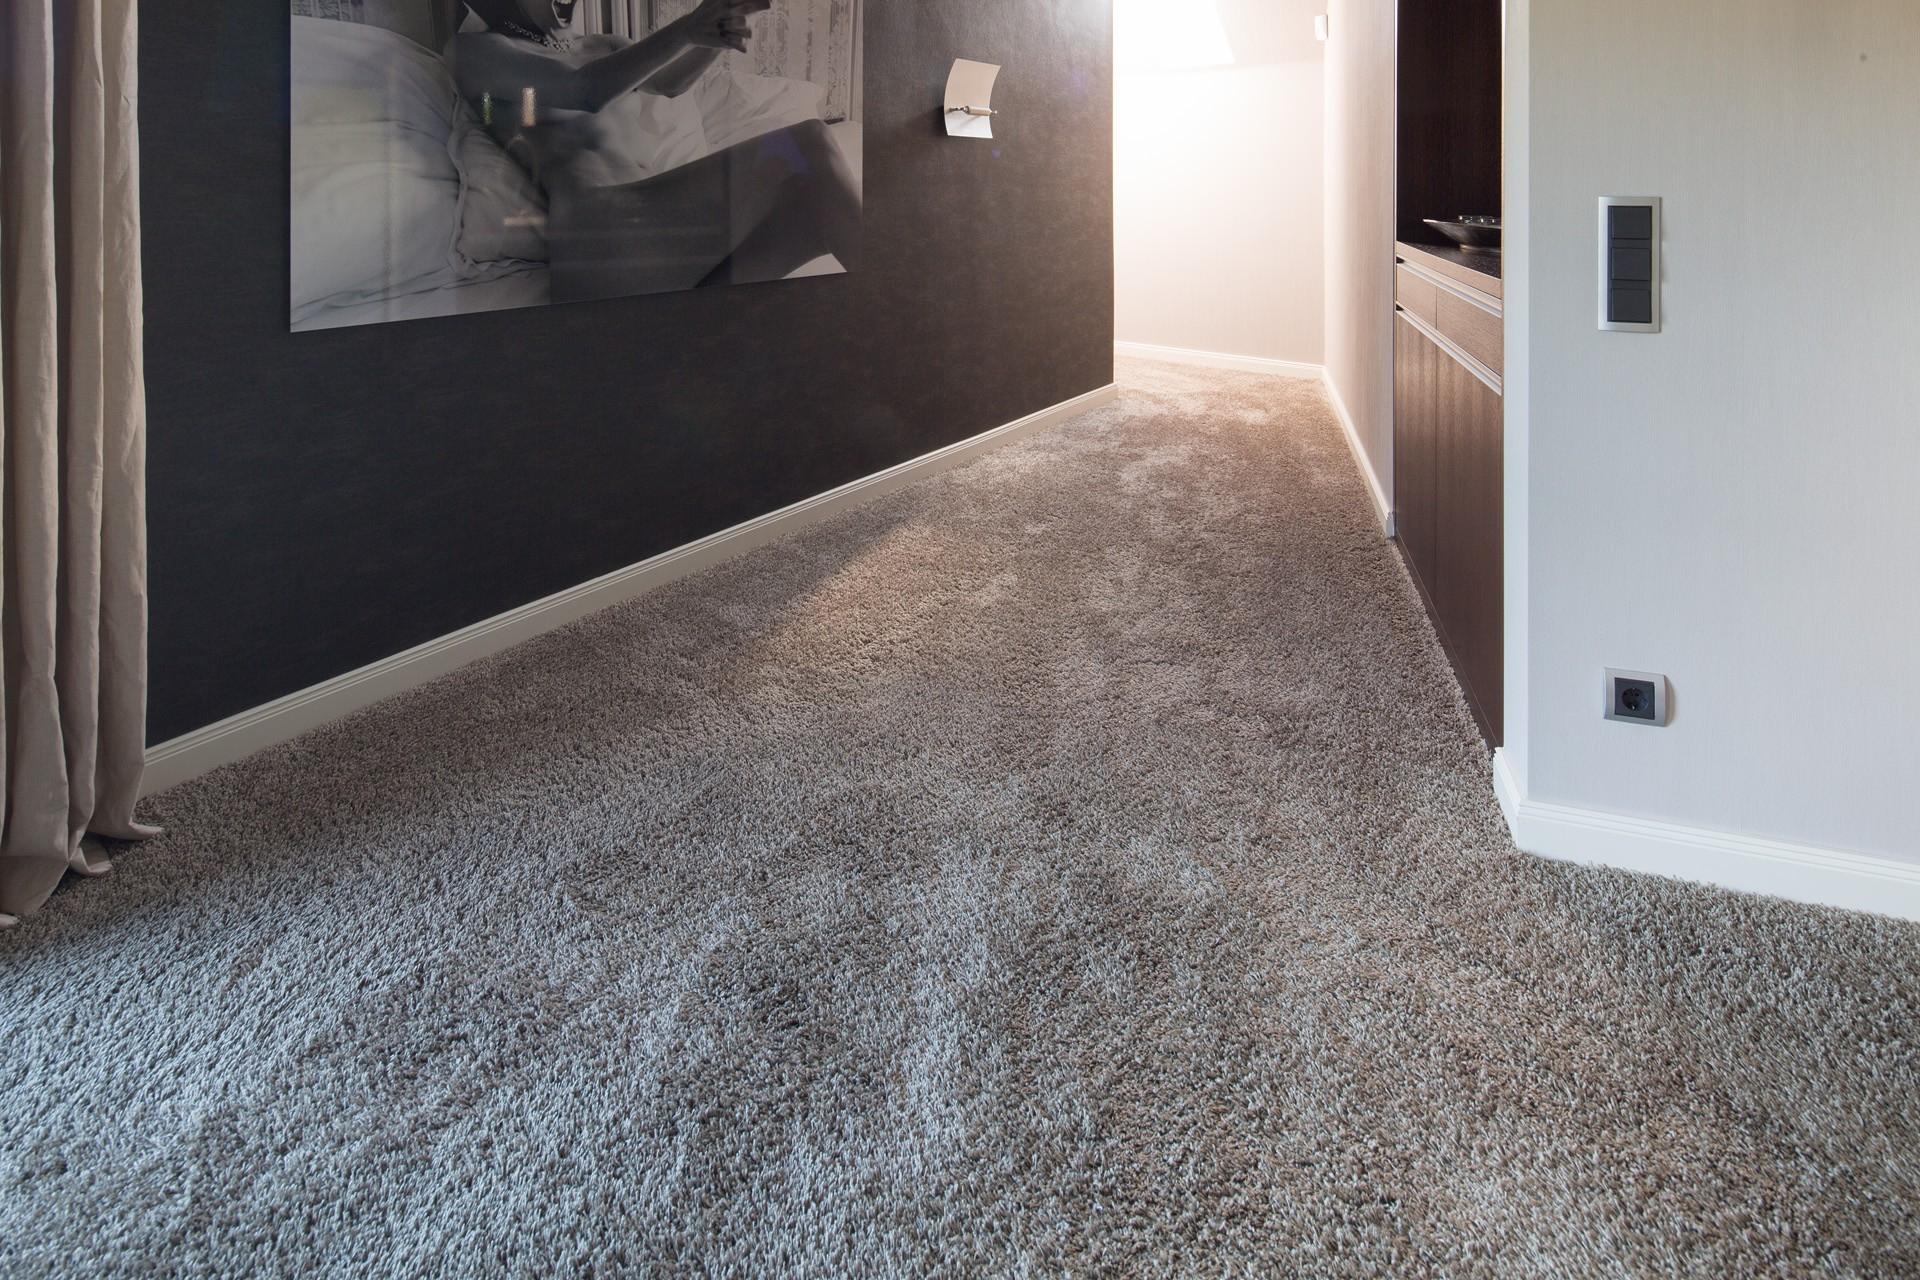 Doch Auch In Allen Anderen Räumen Sorgt Der Beliebte Bodenbelag Für Ein  Nahezu Geräuschloses Fortbewegen, Eine Ansprechende Optik Und  Strapazierfähige ...